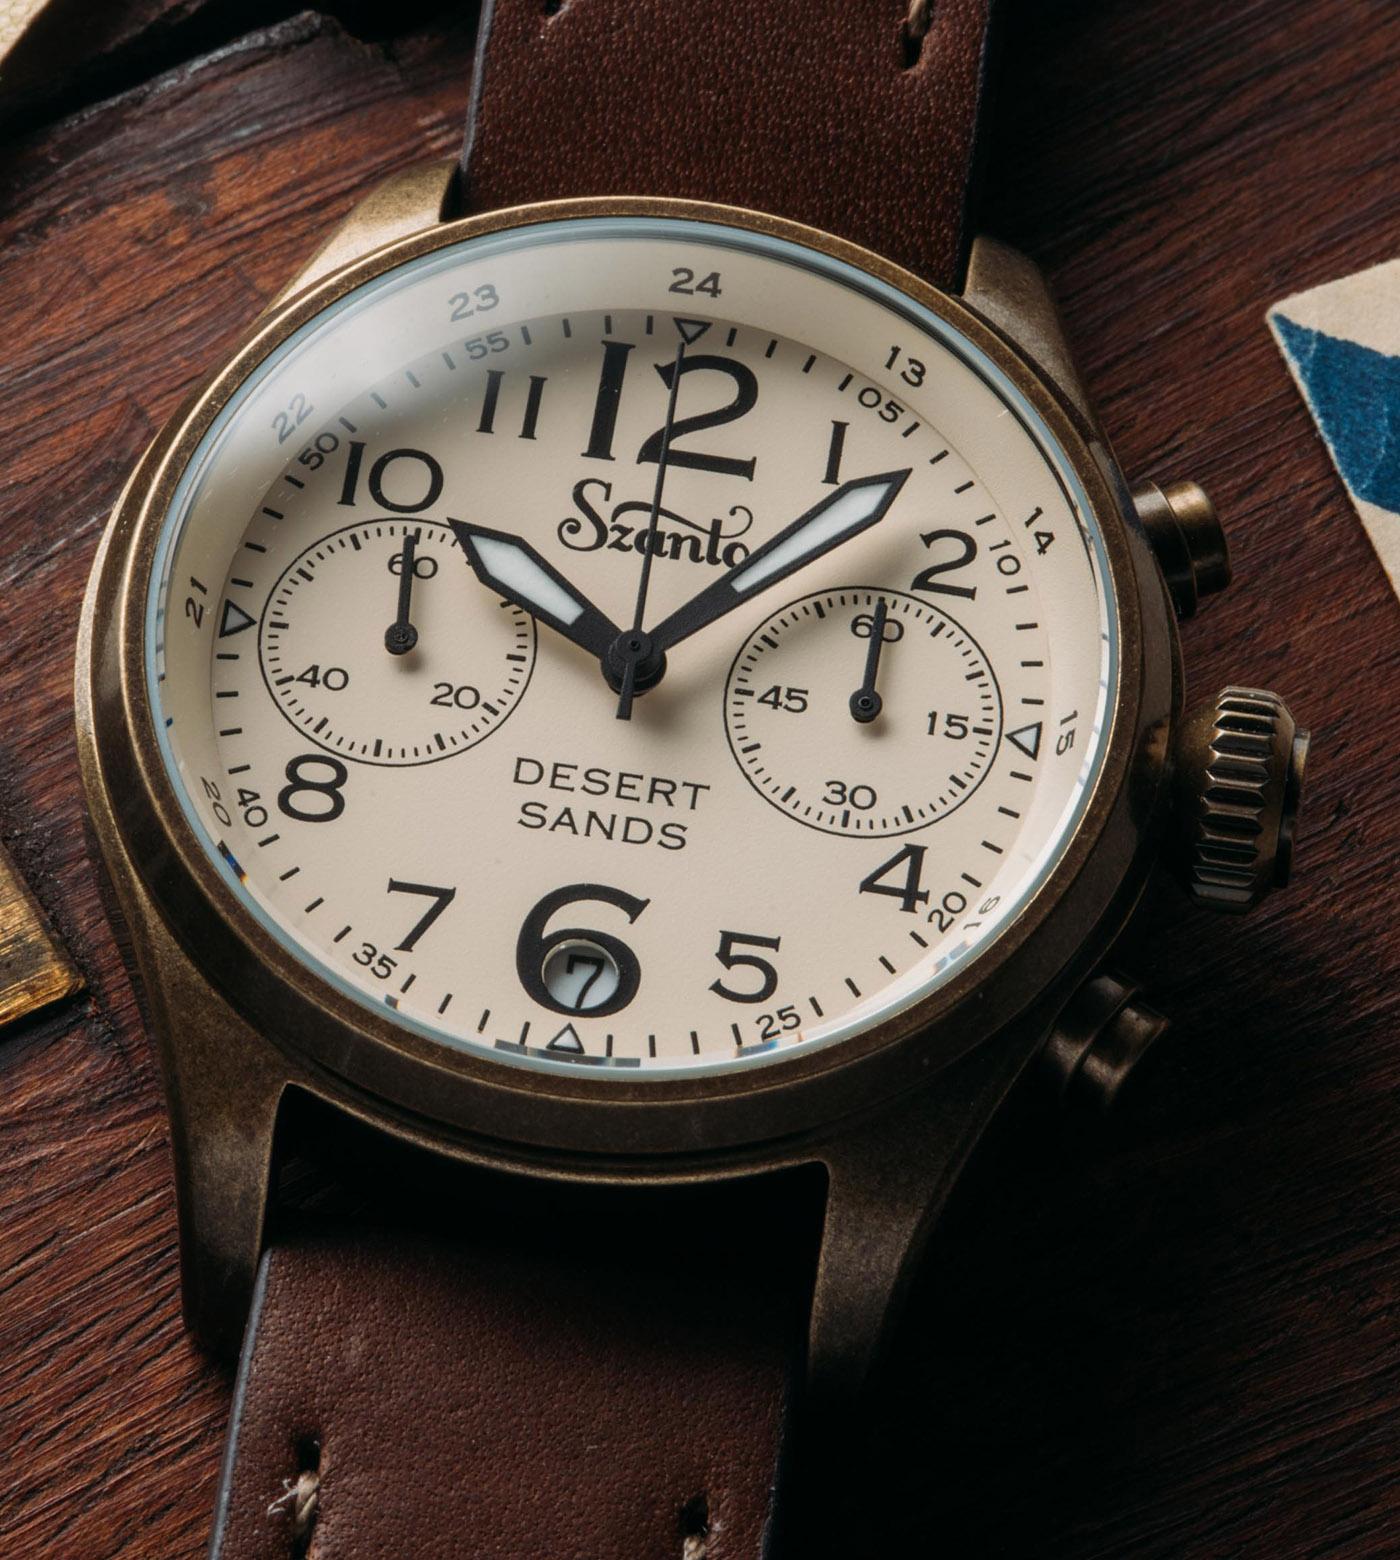 Szanto представляет серию часов с хронографом Desert Sands